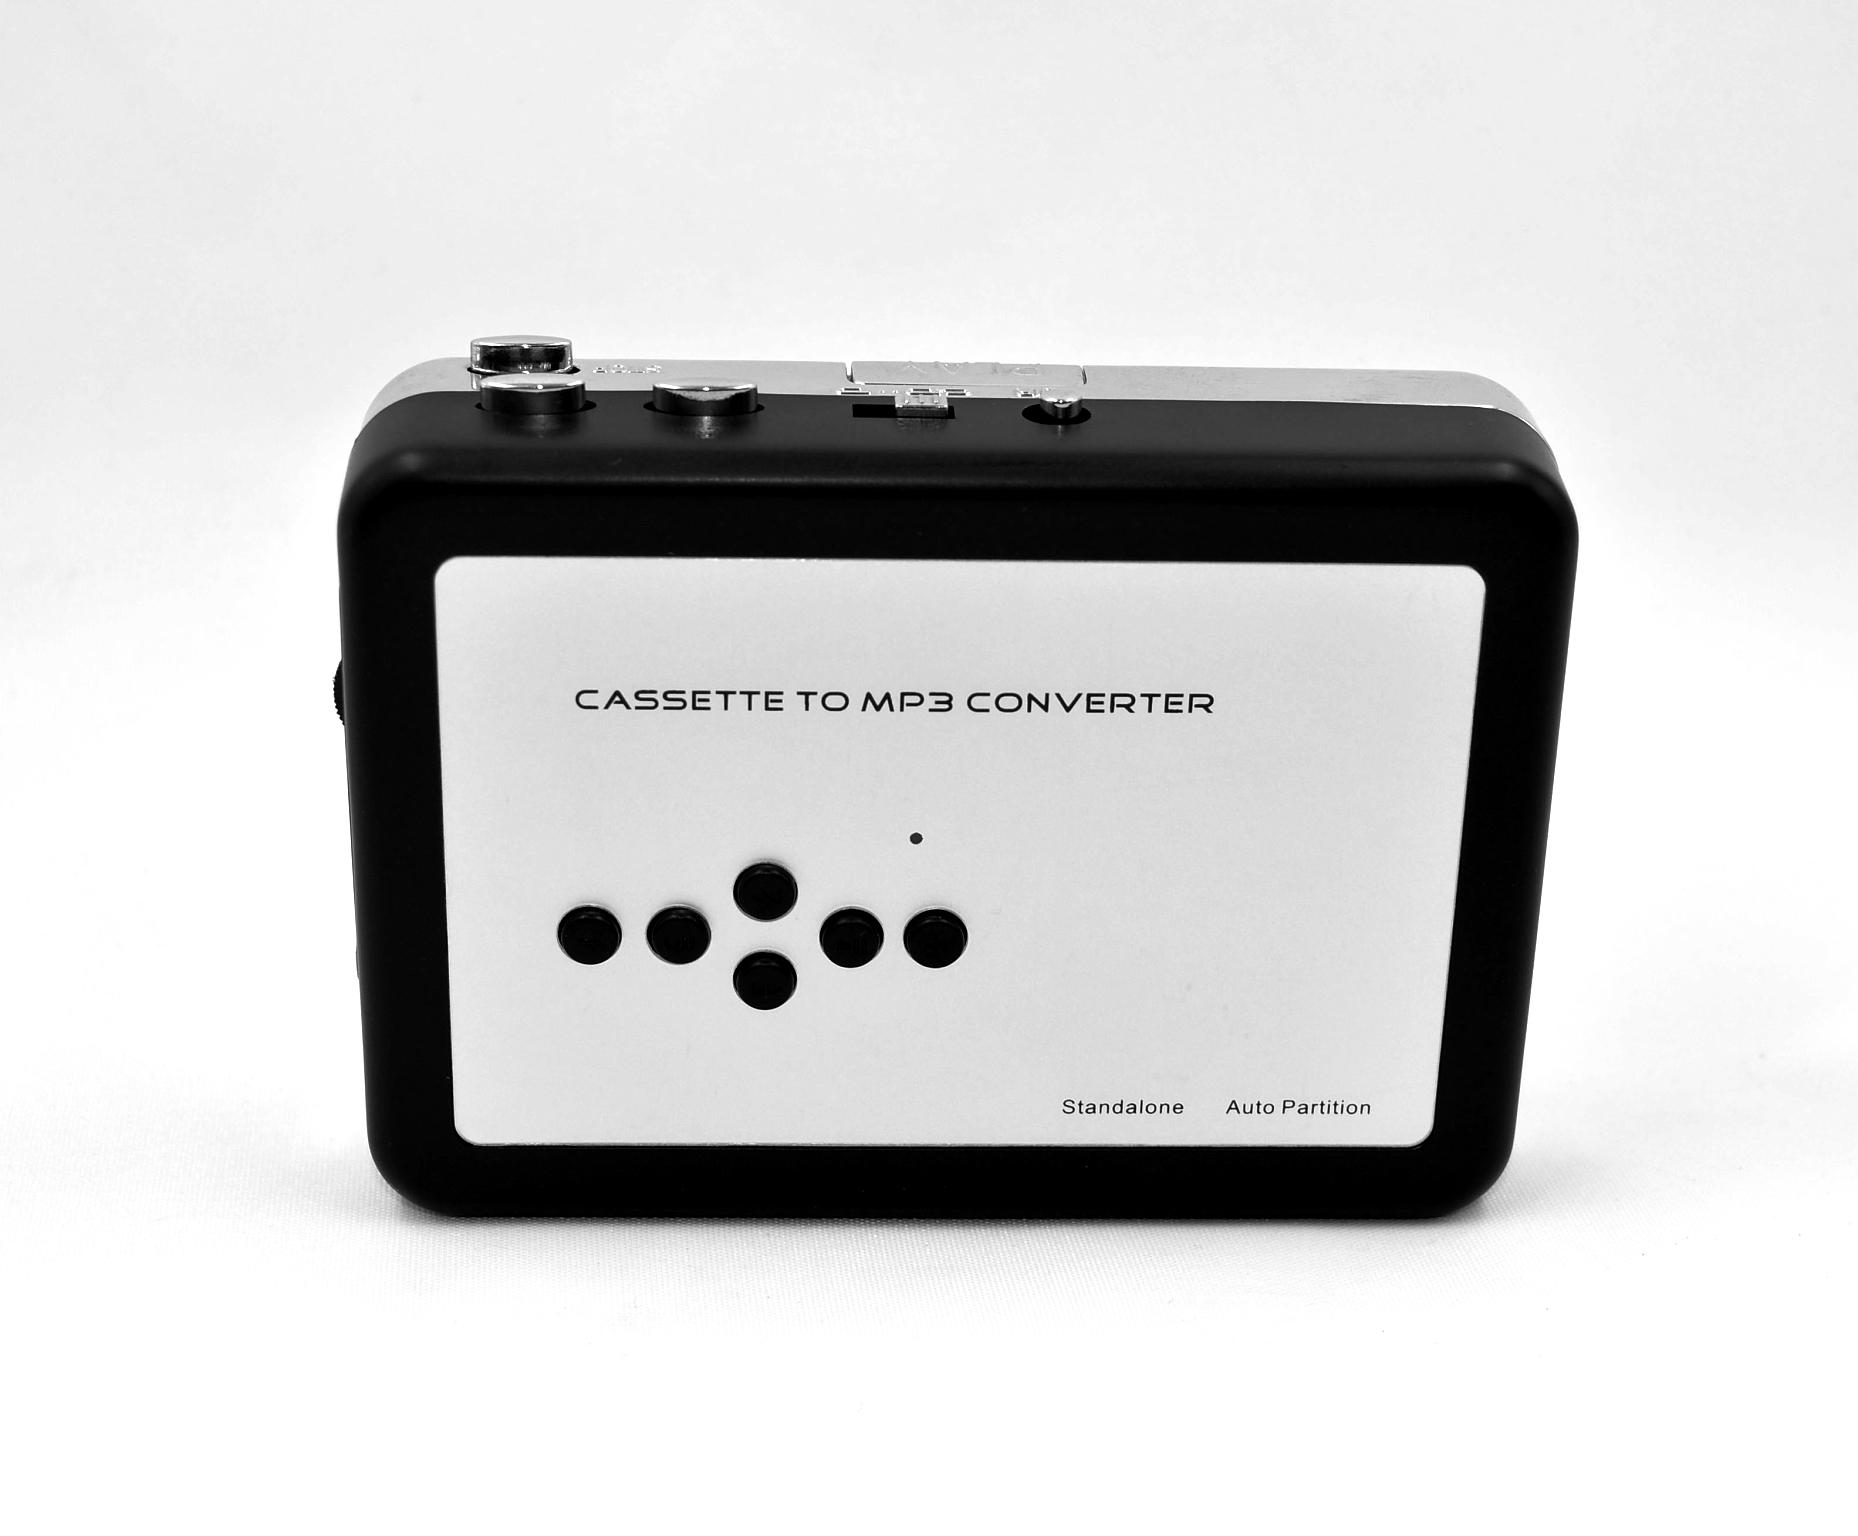 Высокий верность металл машинально пестик магнитная лента поворот MP3 избежать привод прямо запись U блюдо карта портативный слушать кассета машинально звуковая частота конвертер